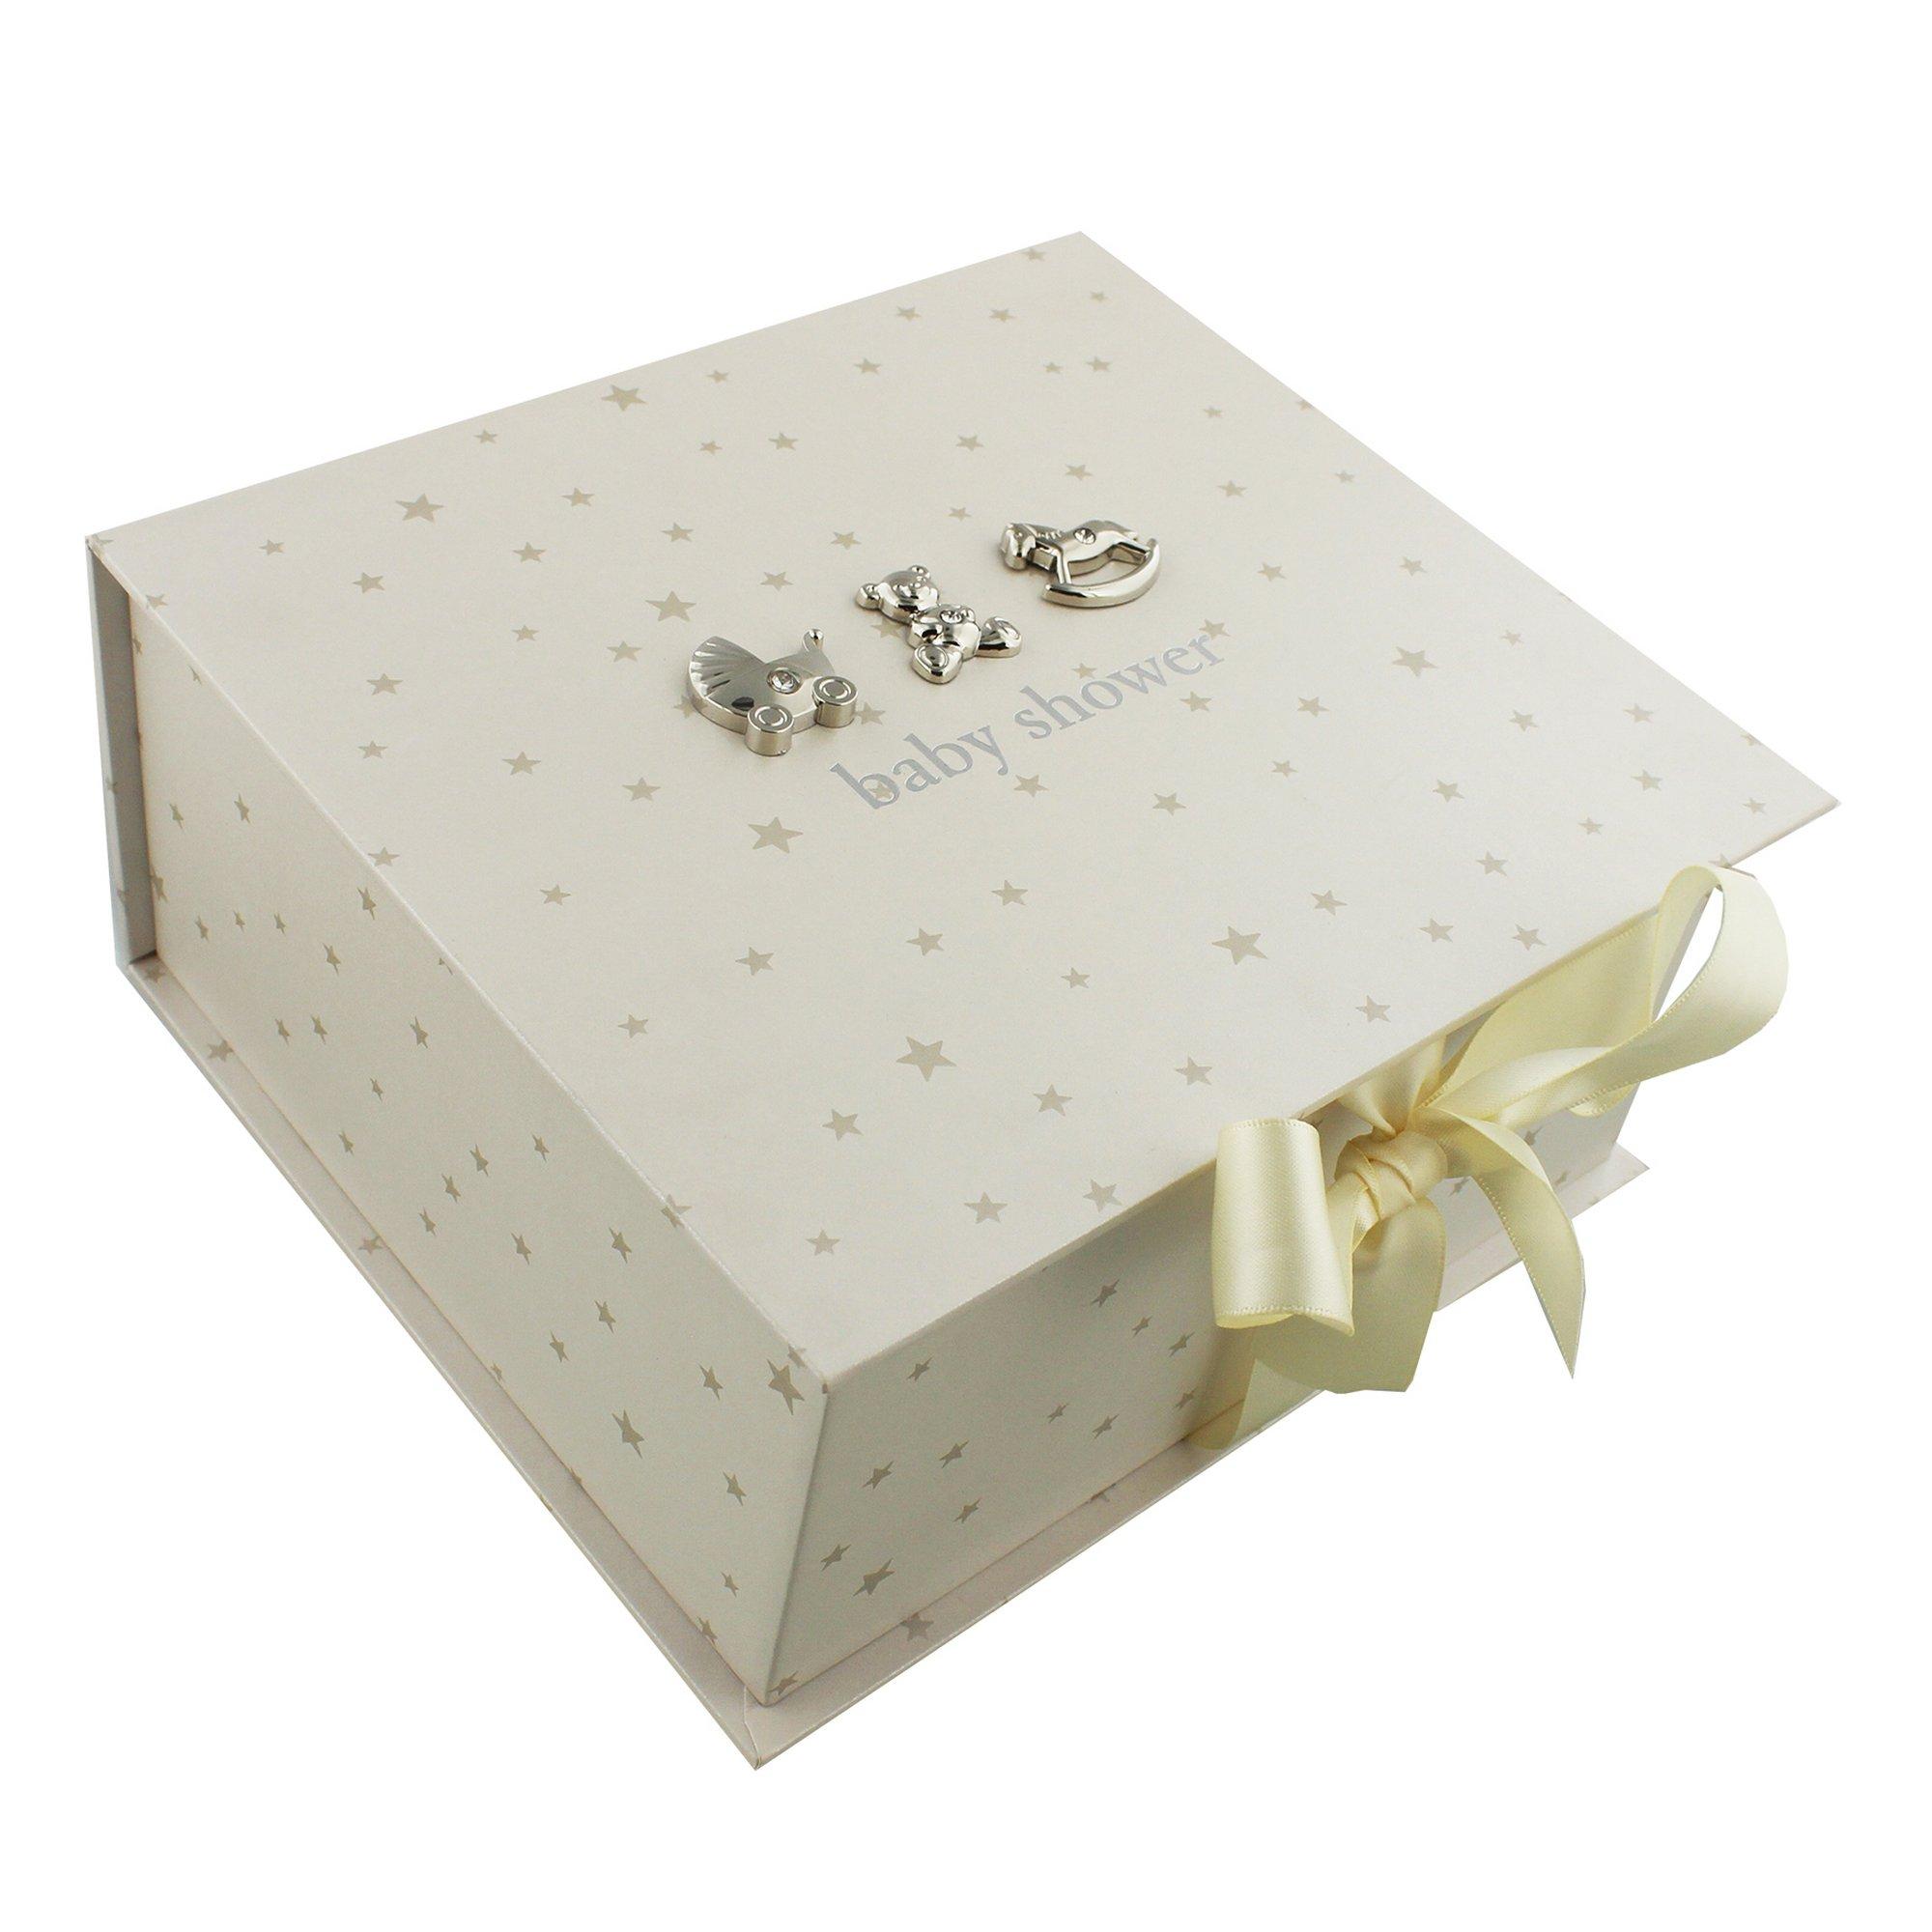 Image of Bambino Baby Shower Keepsake Box